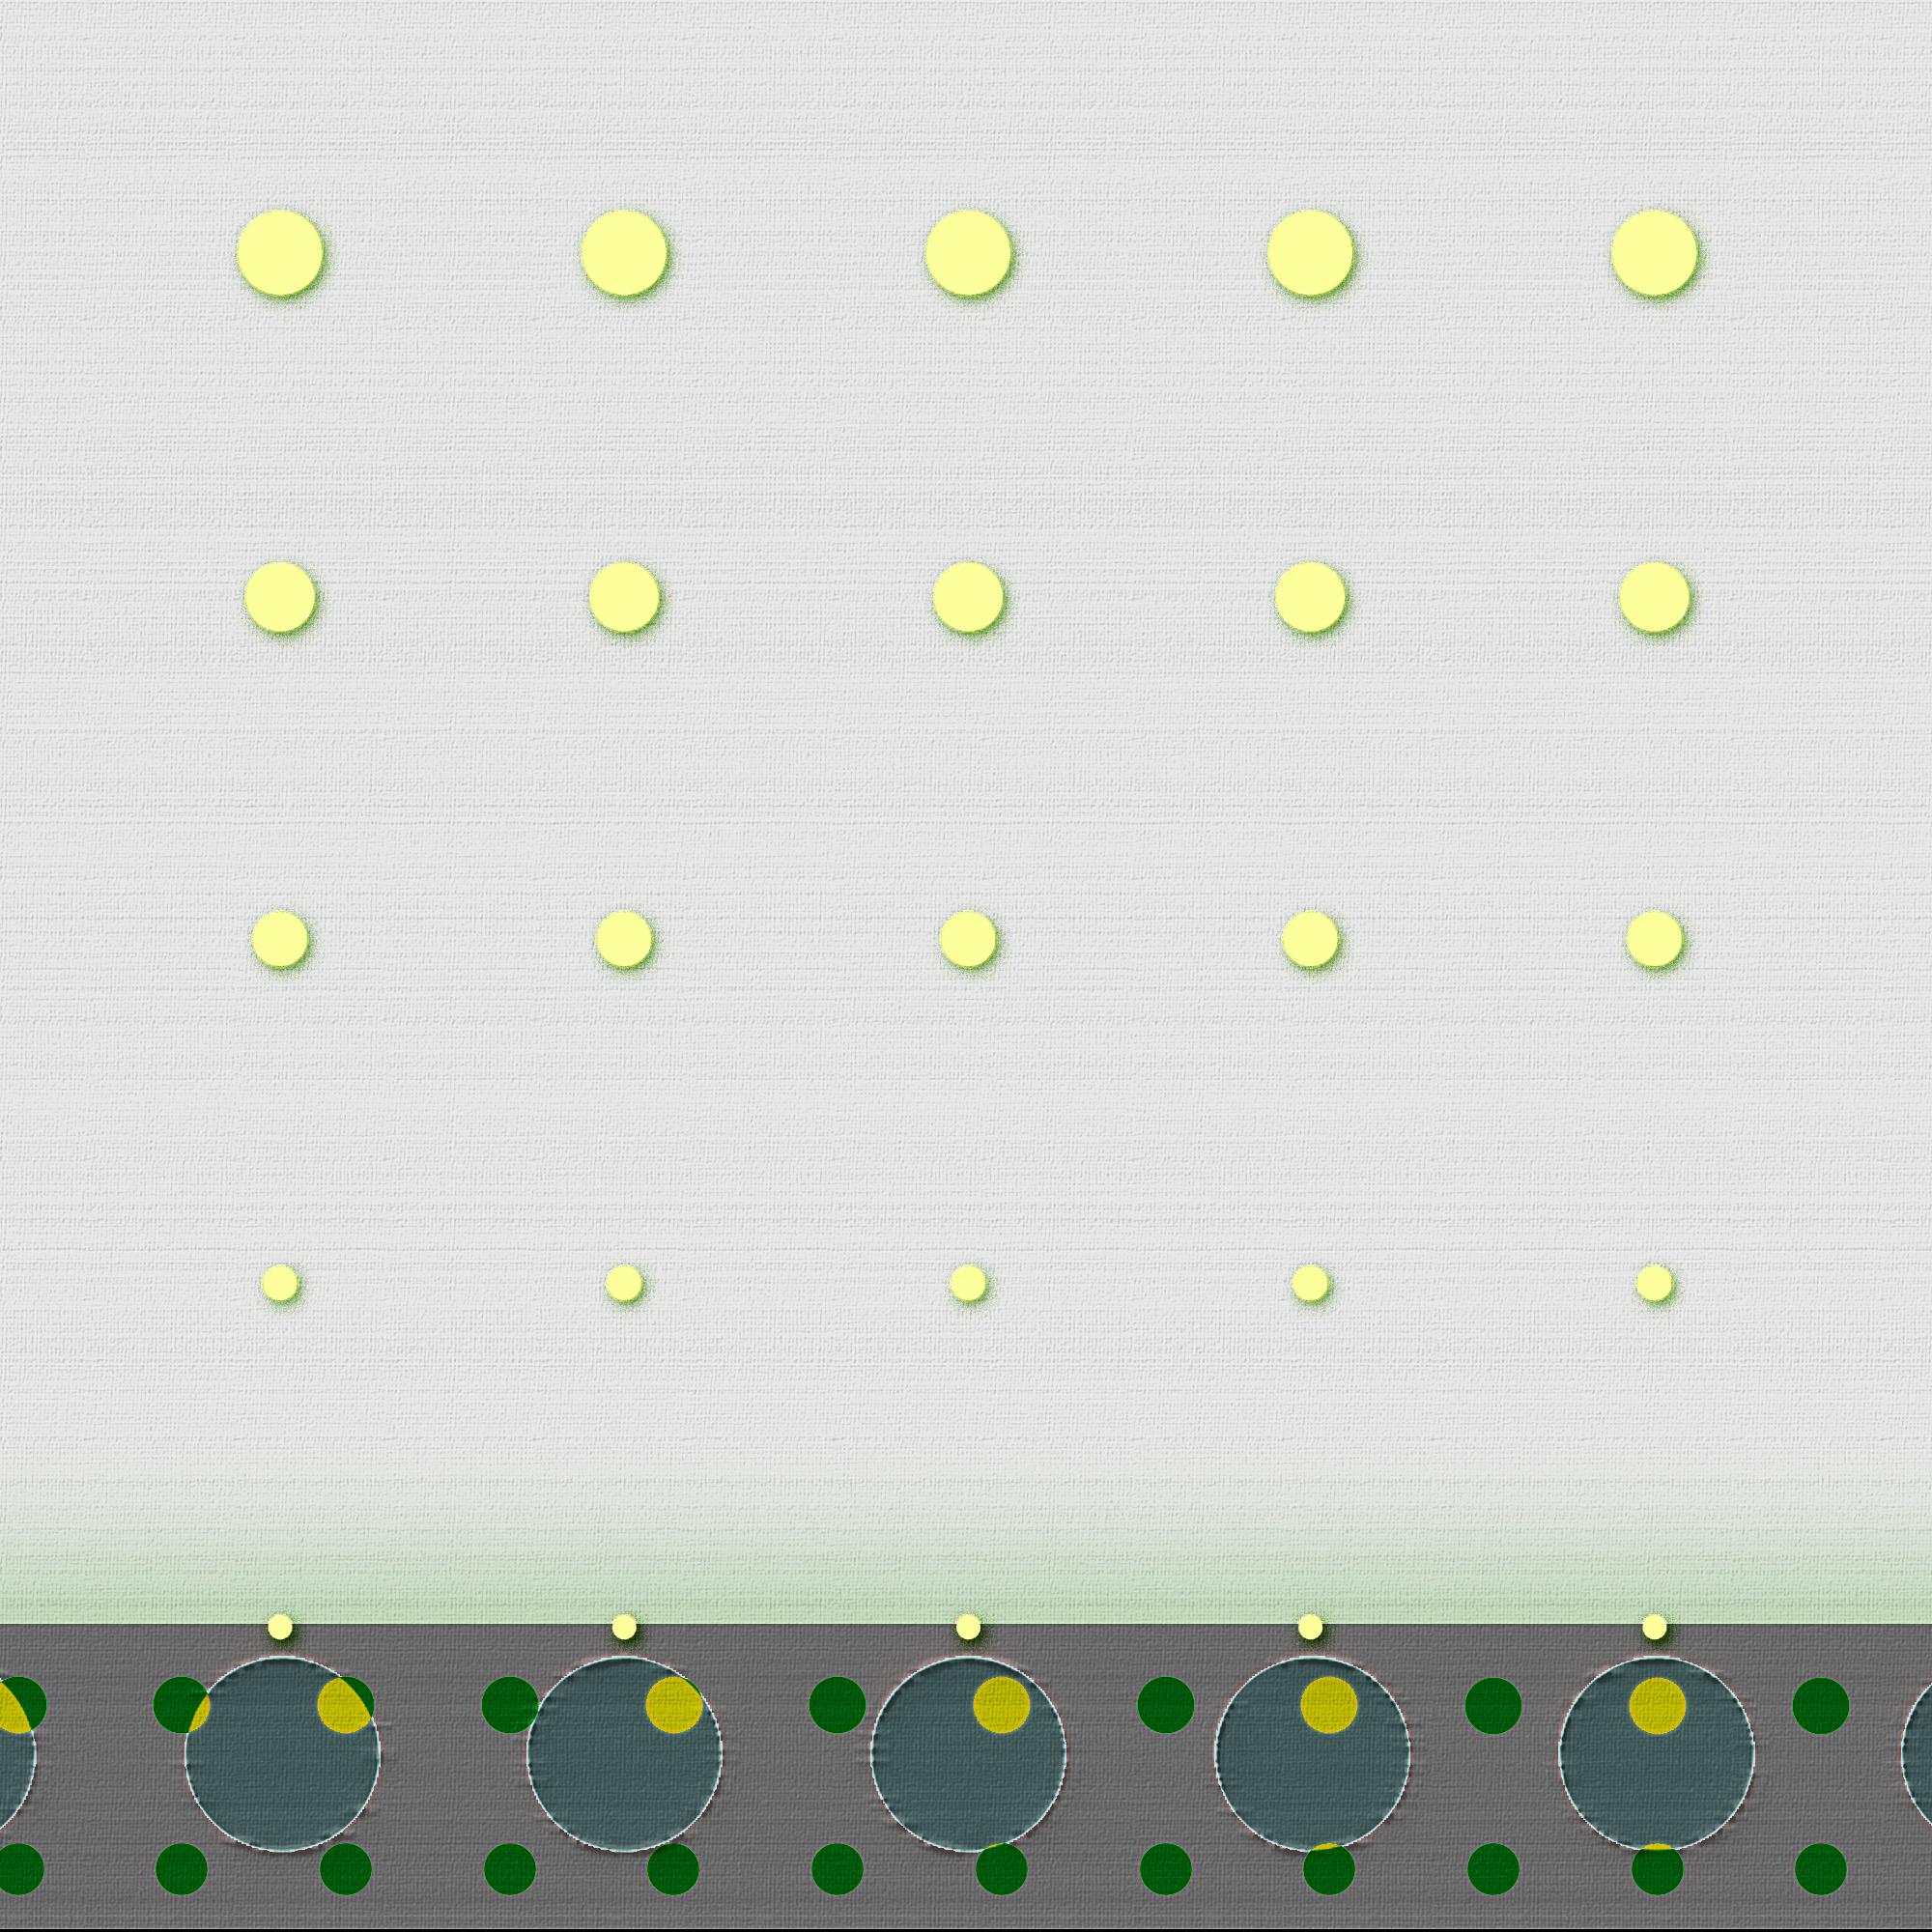 180903_Phase_Align_Detail3.jpg